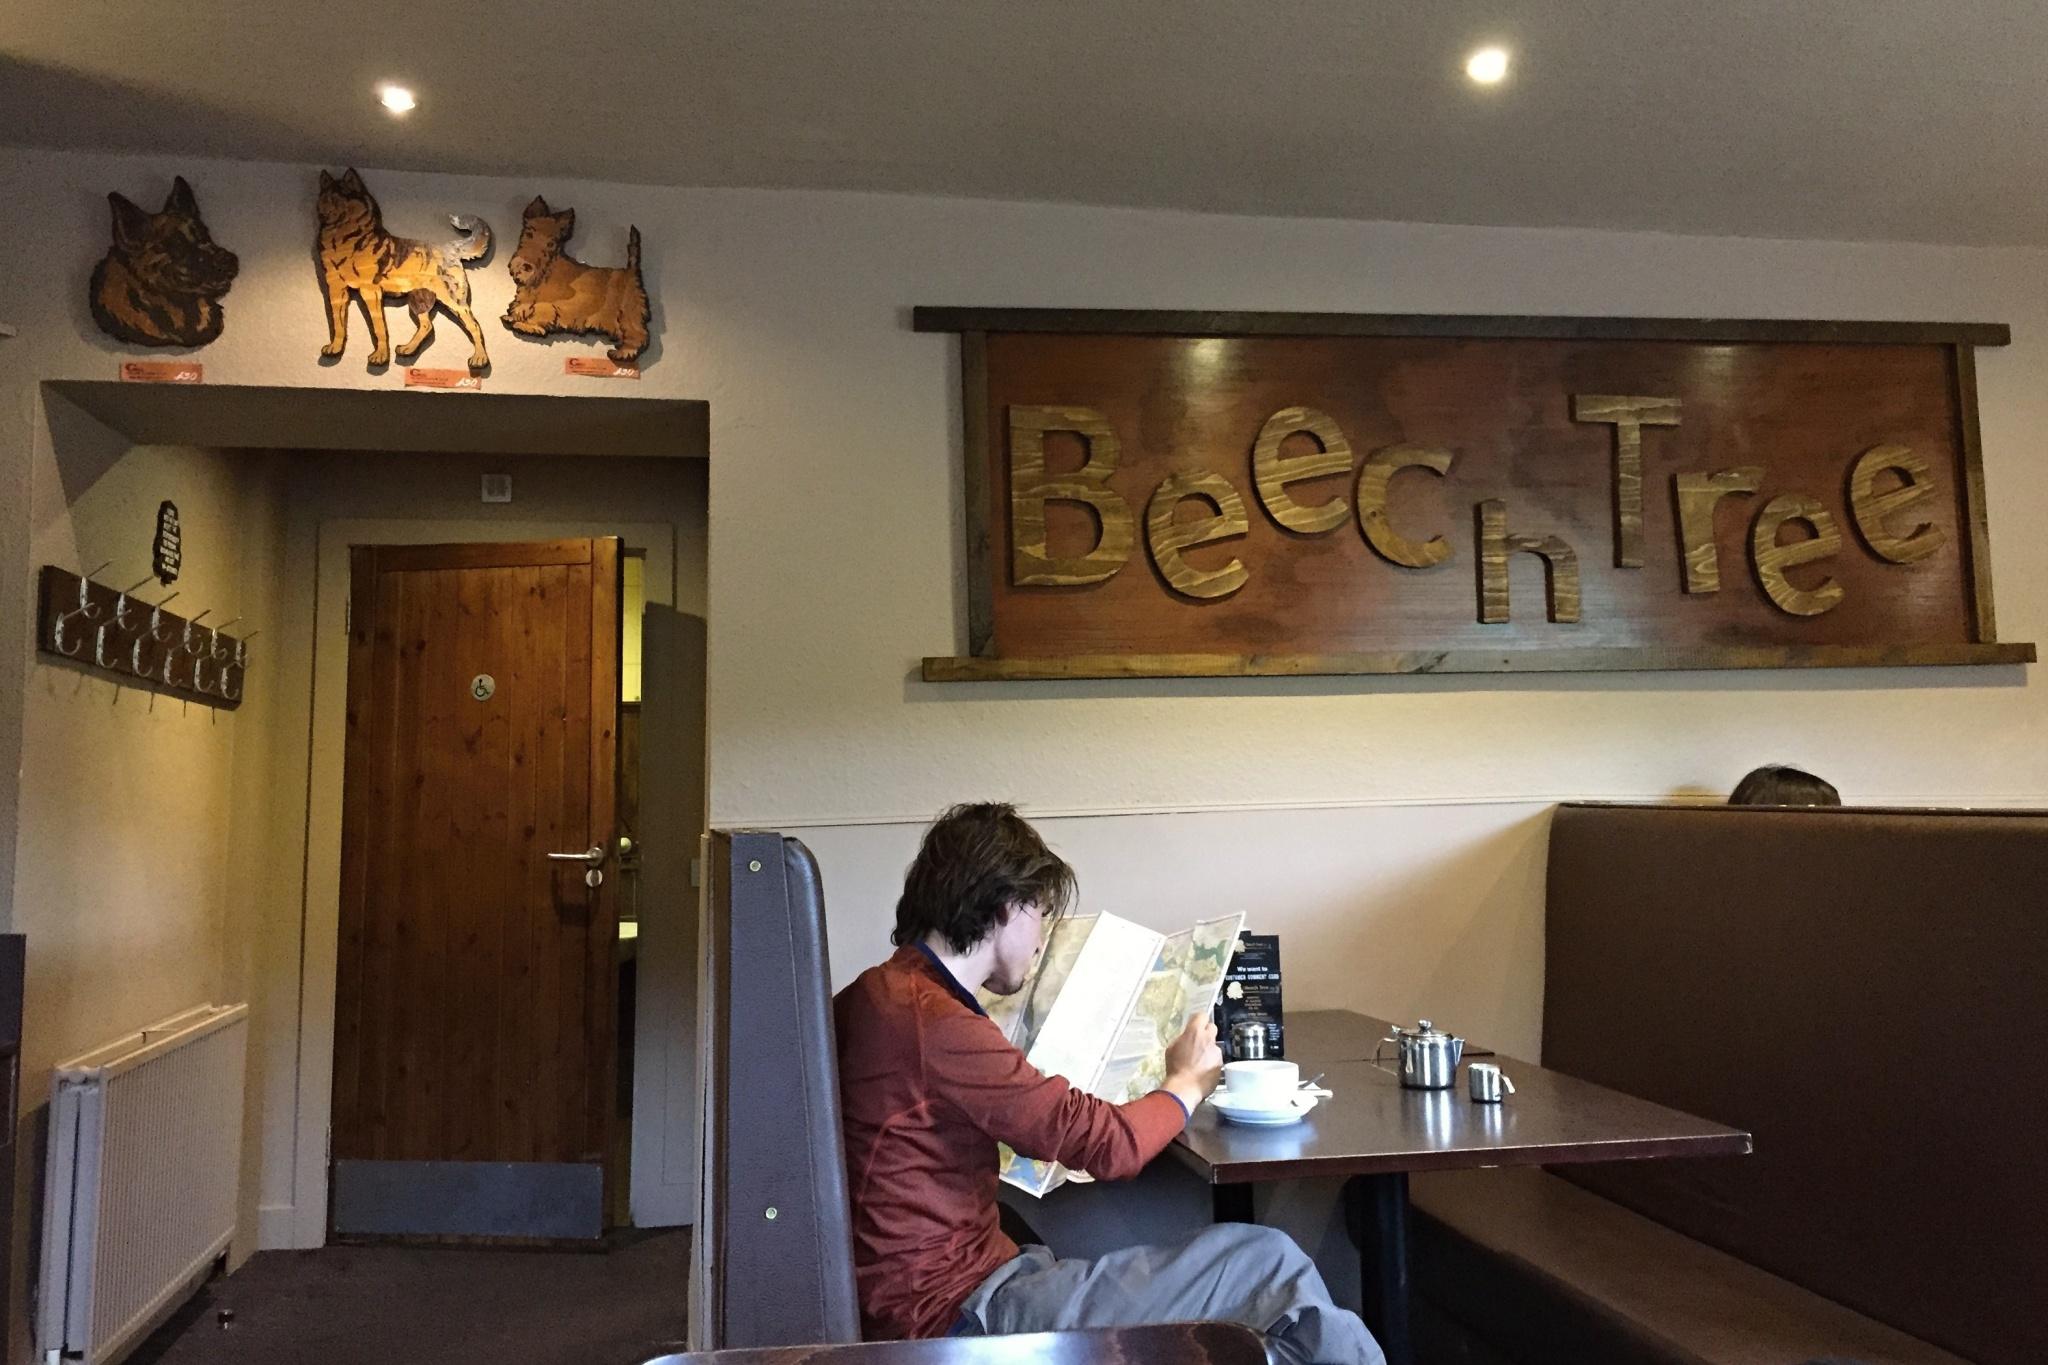 Chvilka odpočinku v hotelu Beech Tree. Venku pro změnu leje jak z konve.